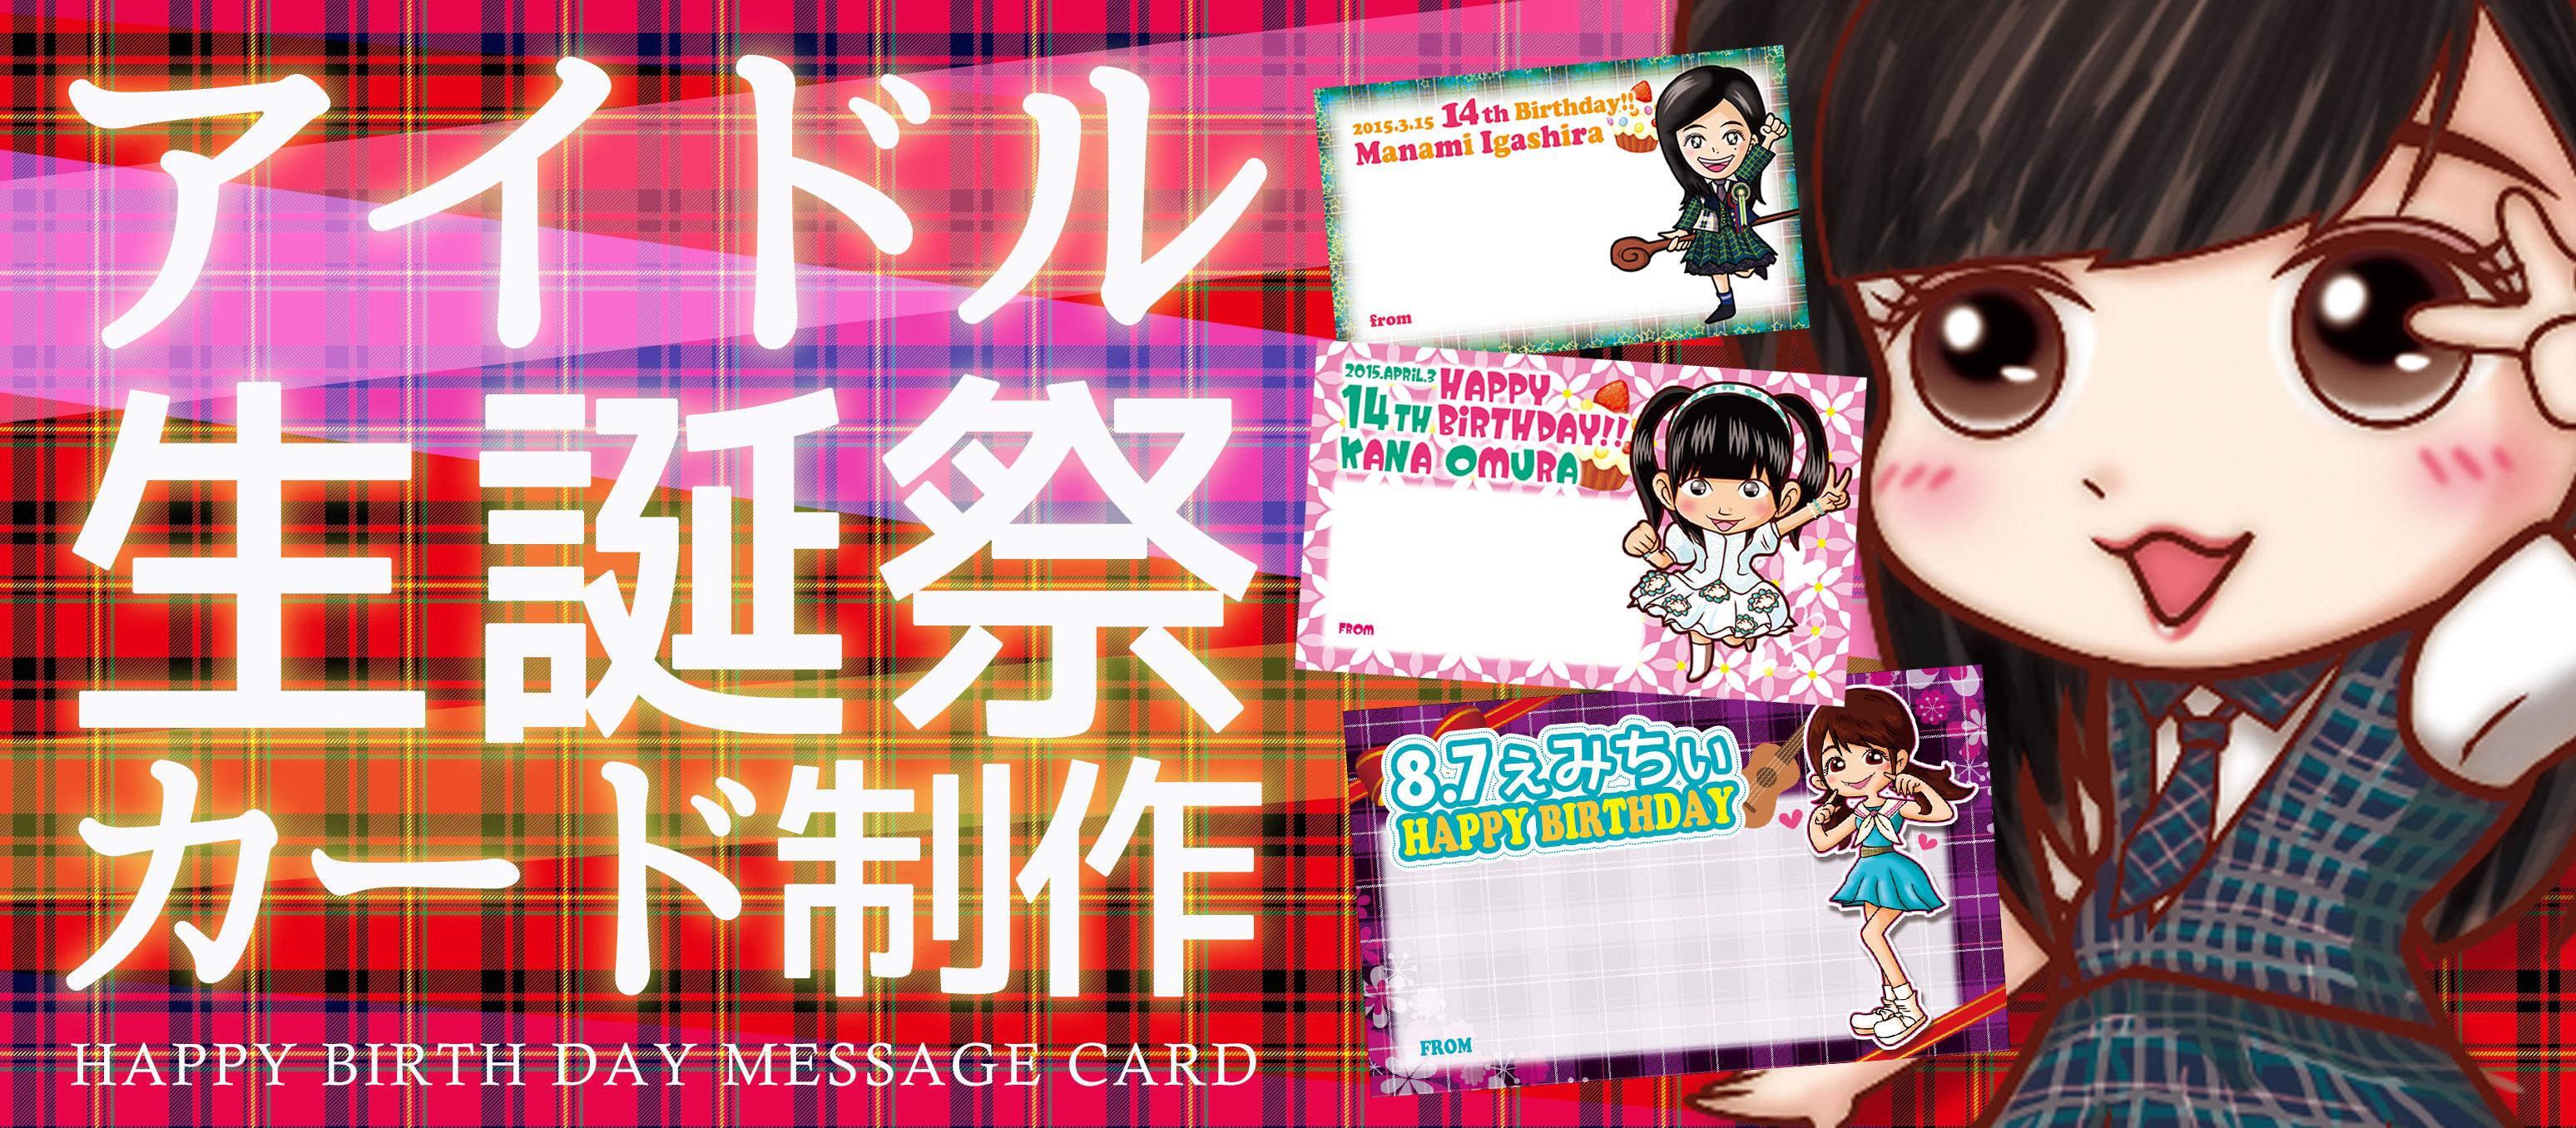 アイドル生誕祭カード制作